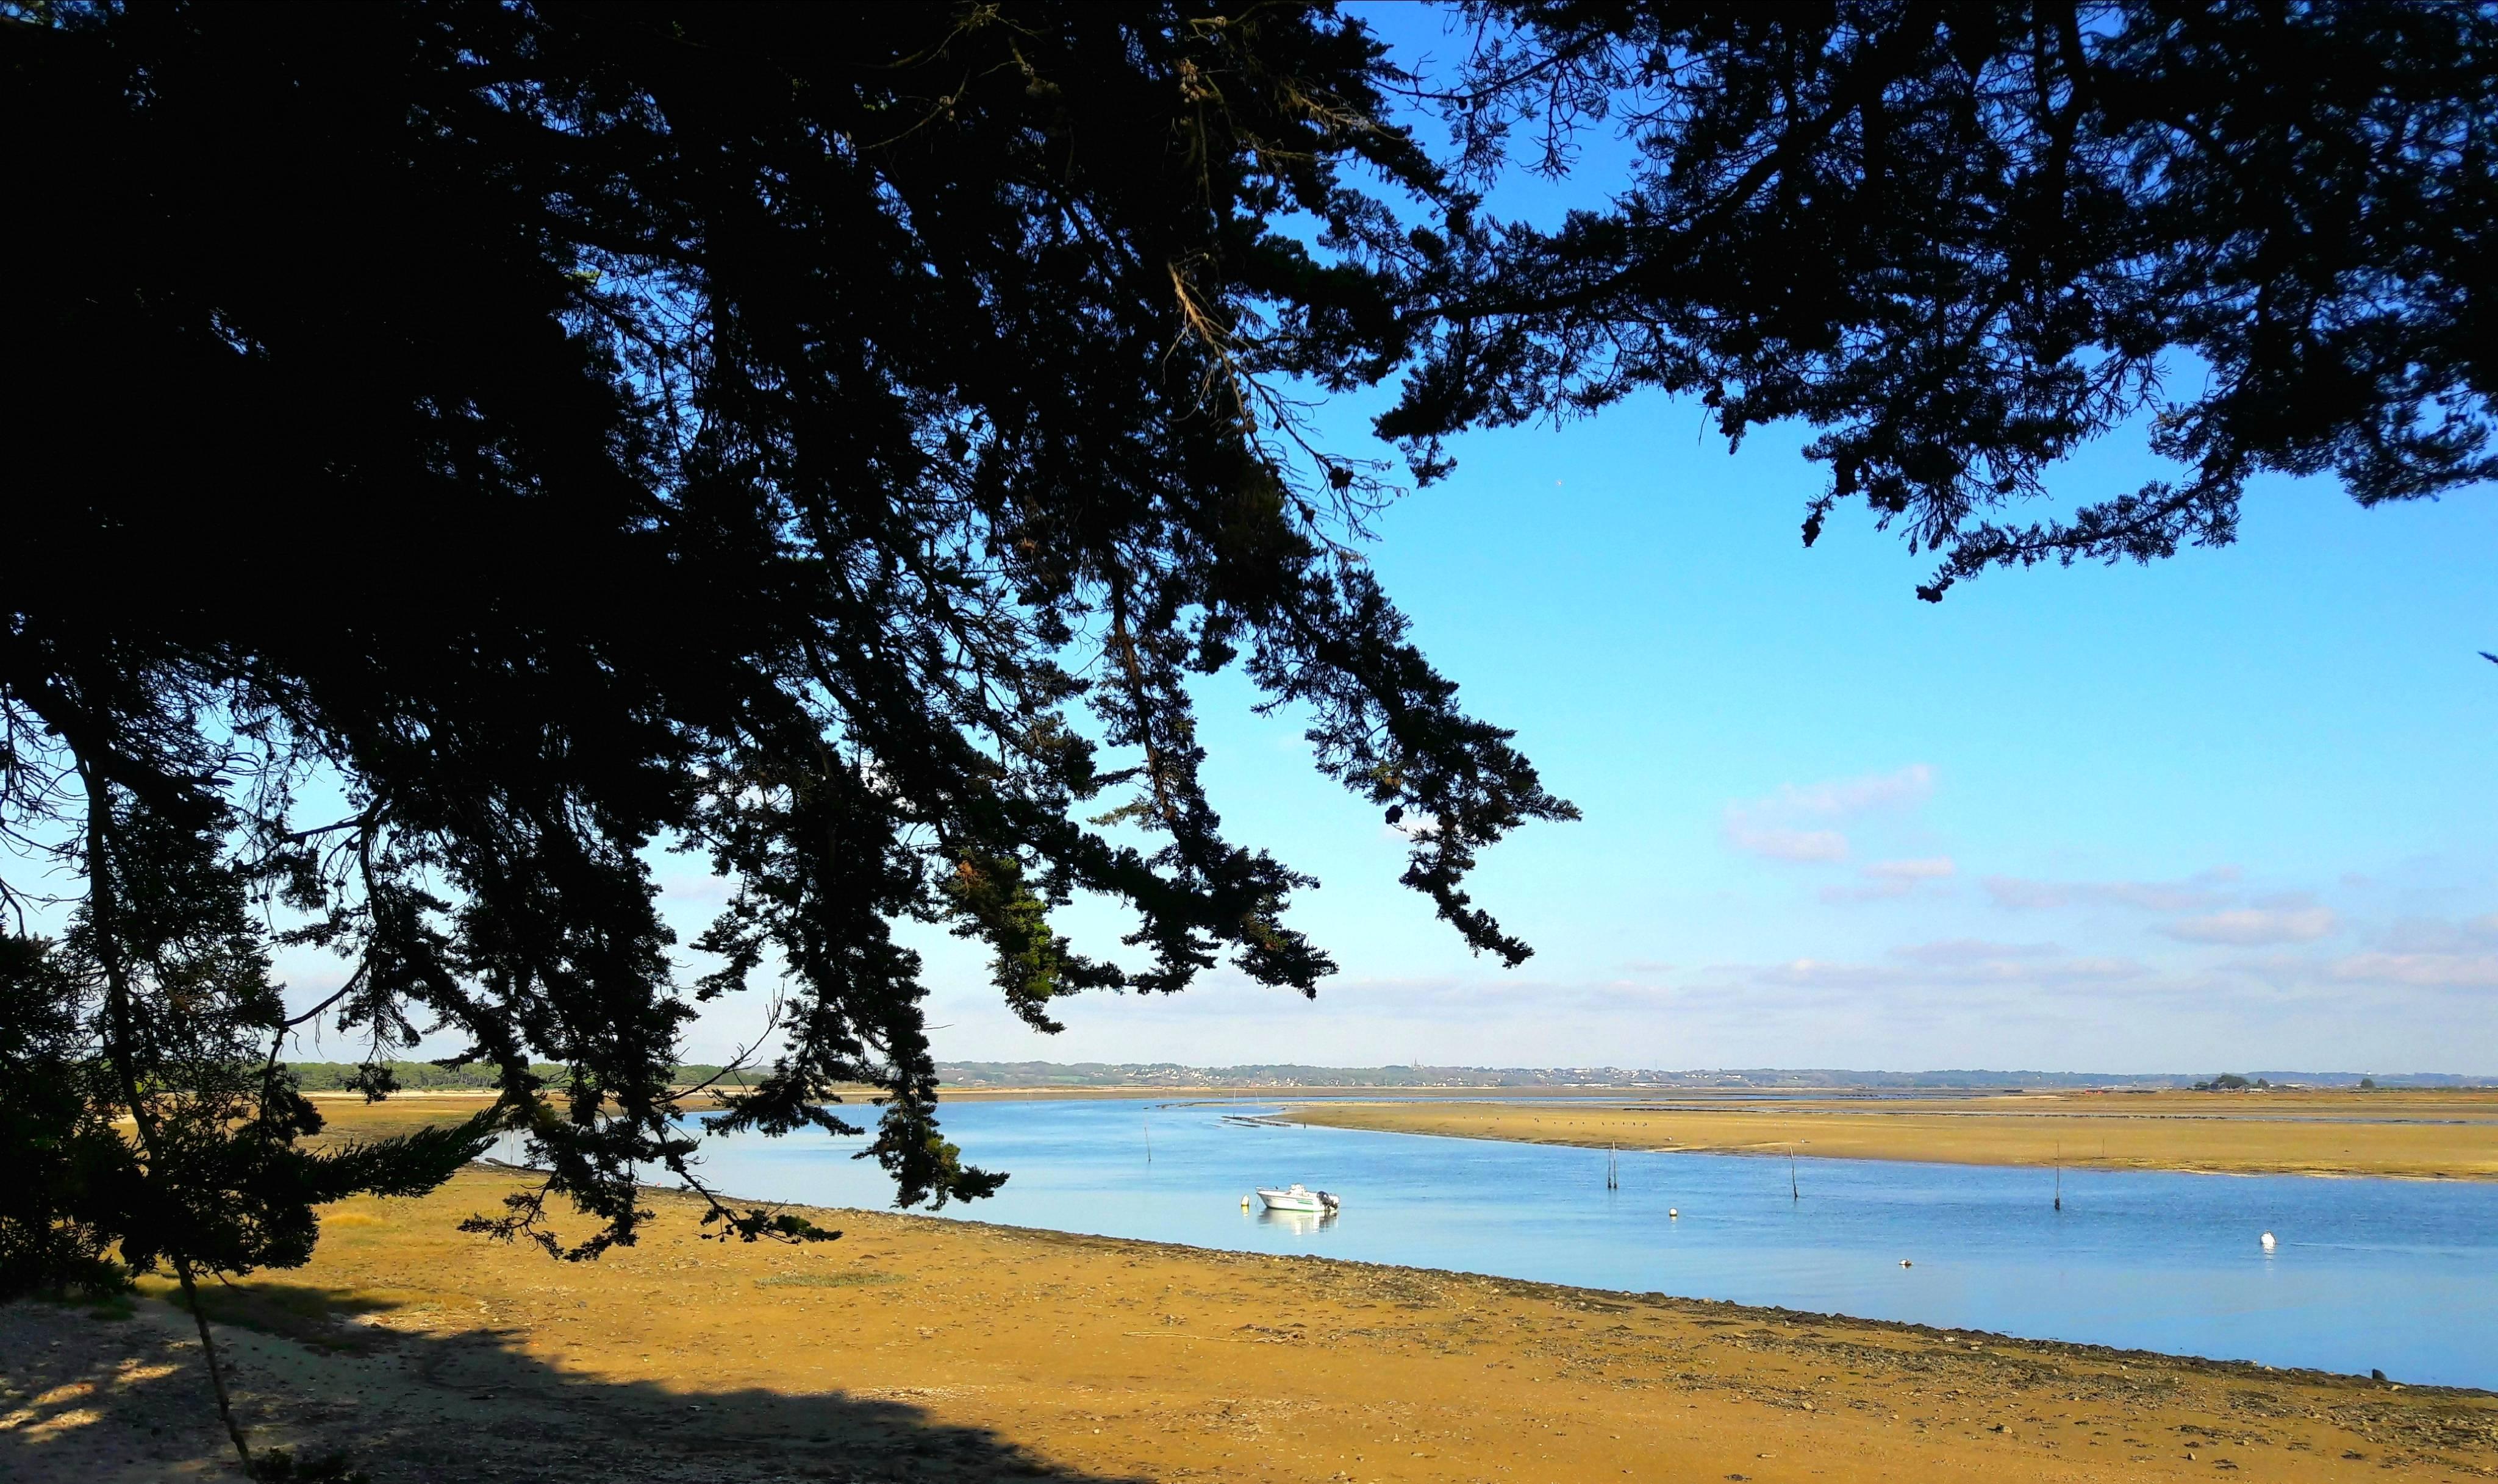 Photo 1: Pointe de Pen-Bron - entre marais et océan